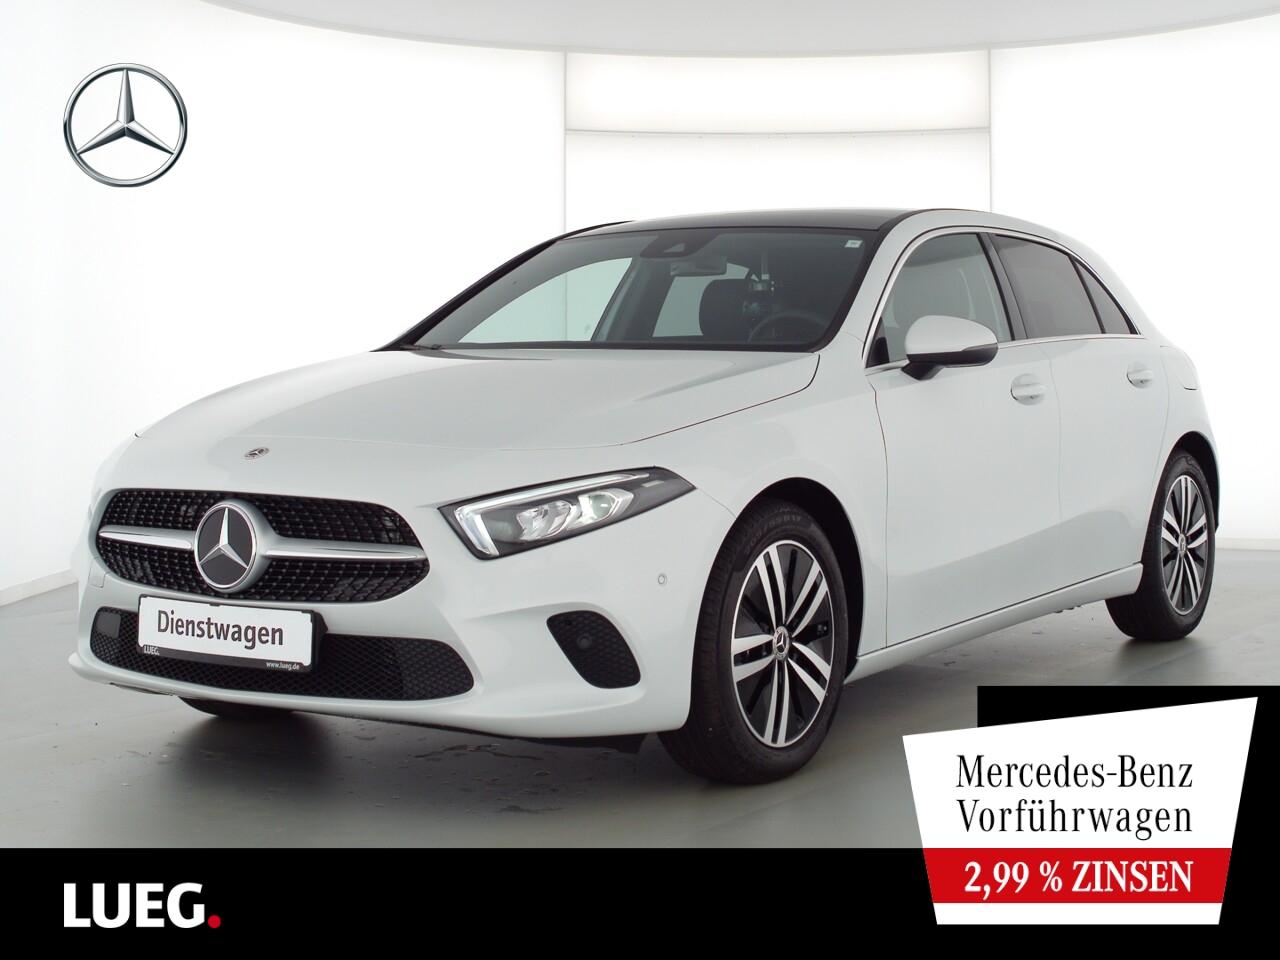 Mercedes-Benz A 180 PROGRESSIVE+PANO+TOTW+LED+KAMERA+DKL.GLAS, Jahr 2021, Benzin